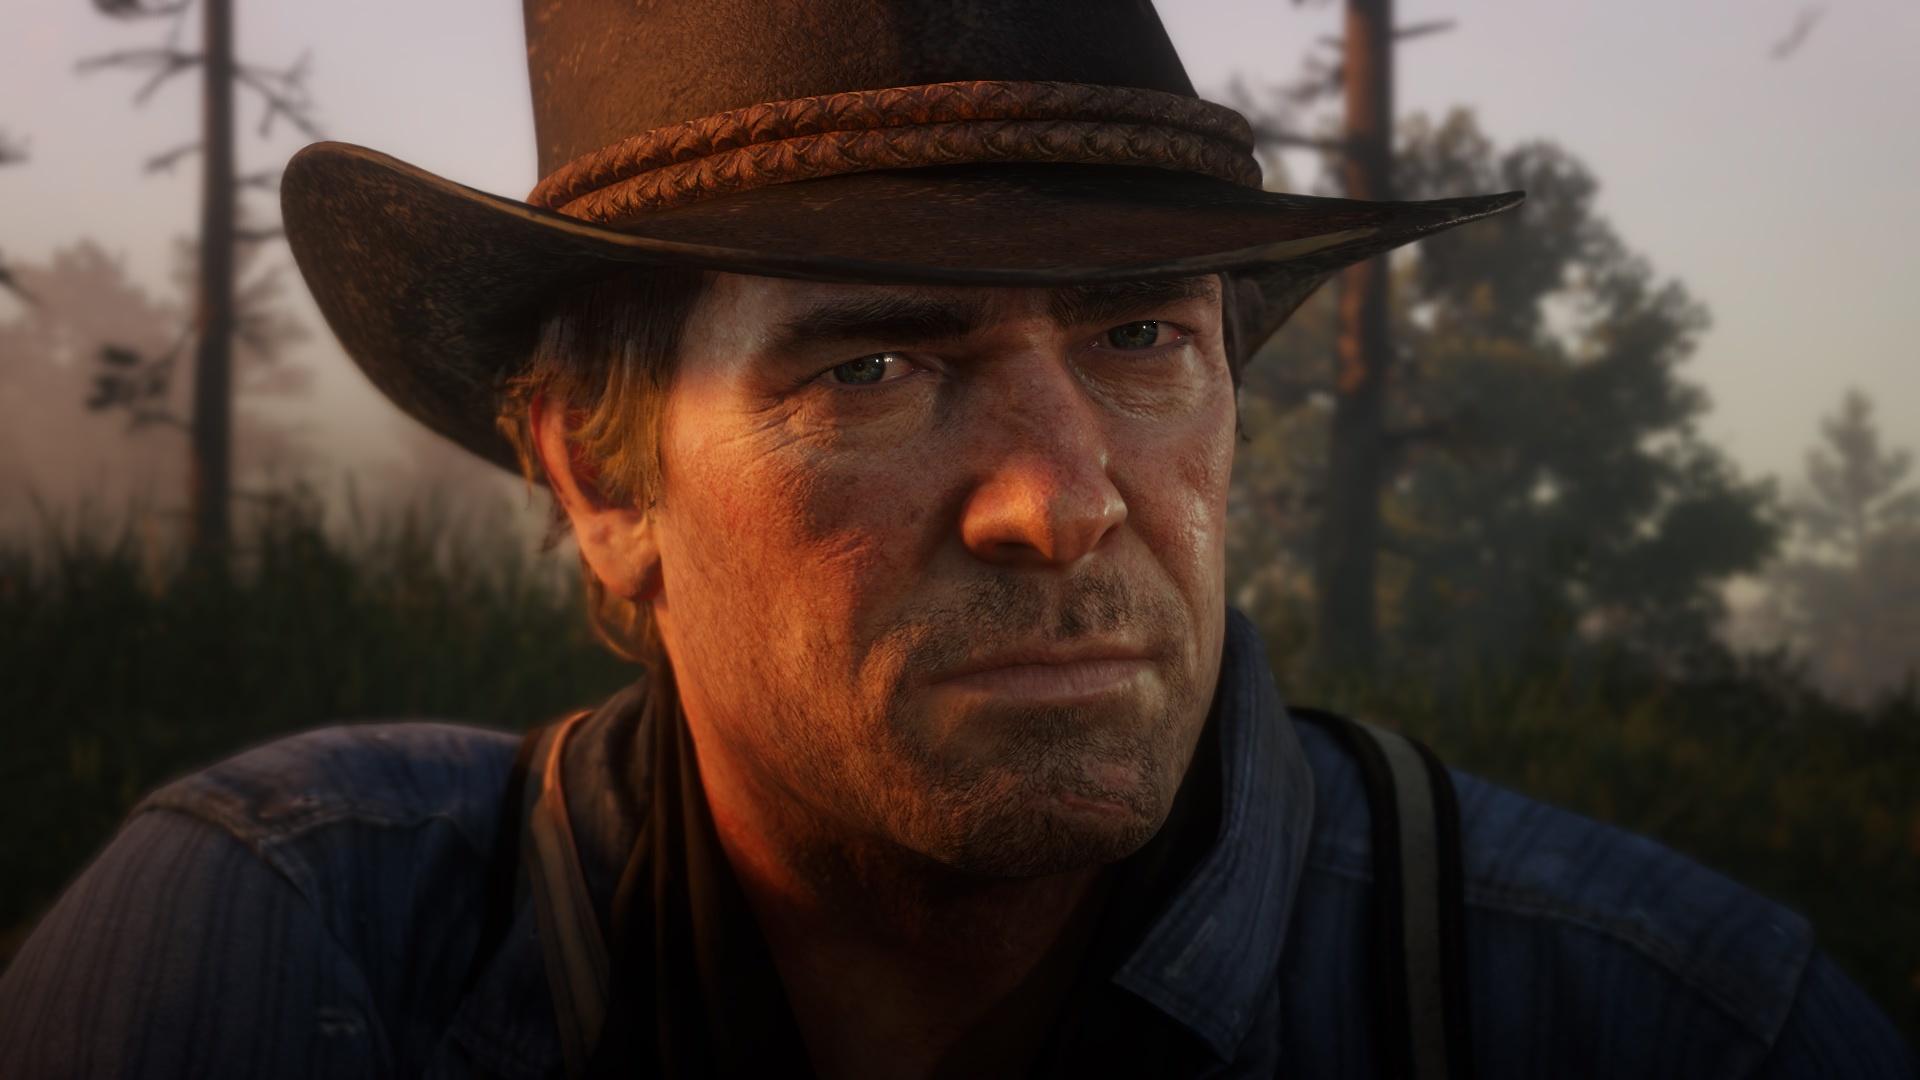 Red Dead Redemption 2: novas e belíssimas imagens destacam visual do jogo 16